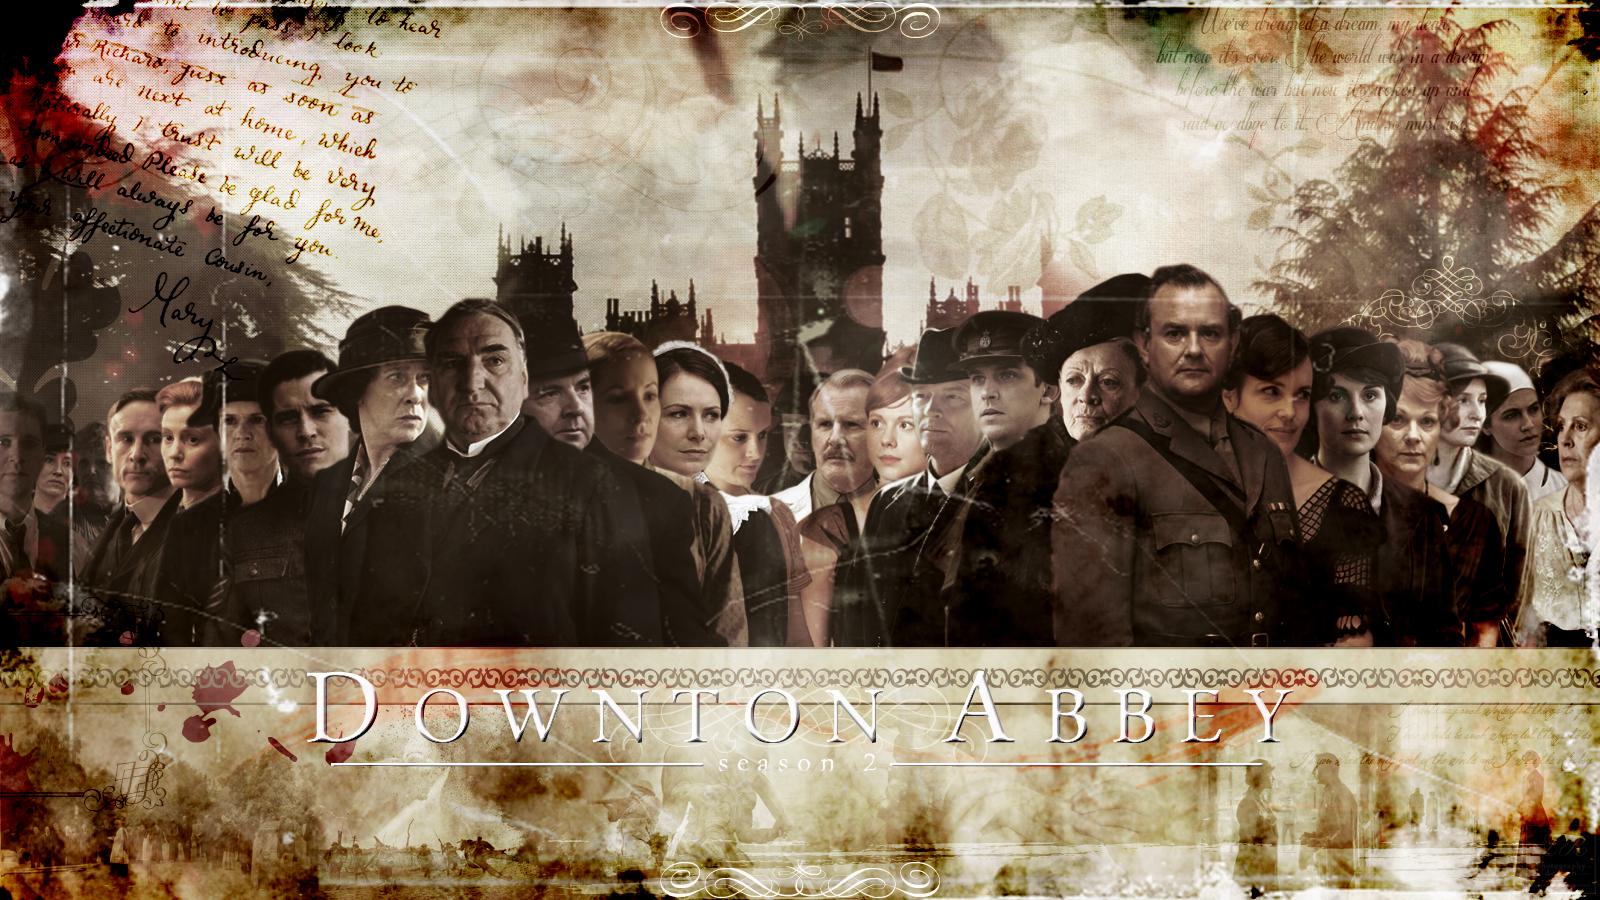 Downton Abbey season 2   Downton Abbey Wallpaper 29116399 1600x900